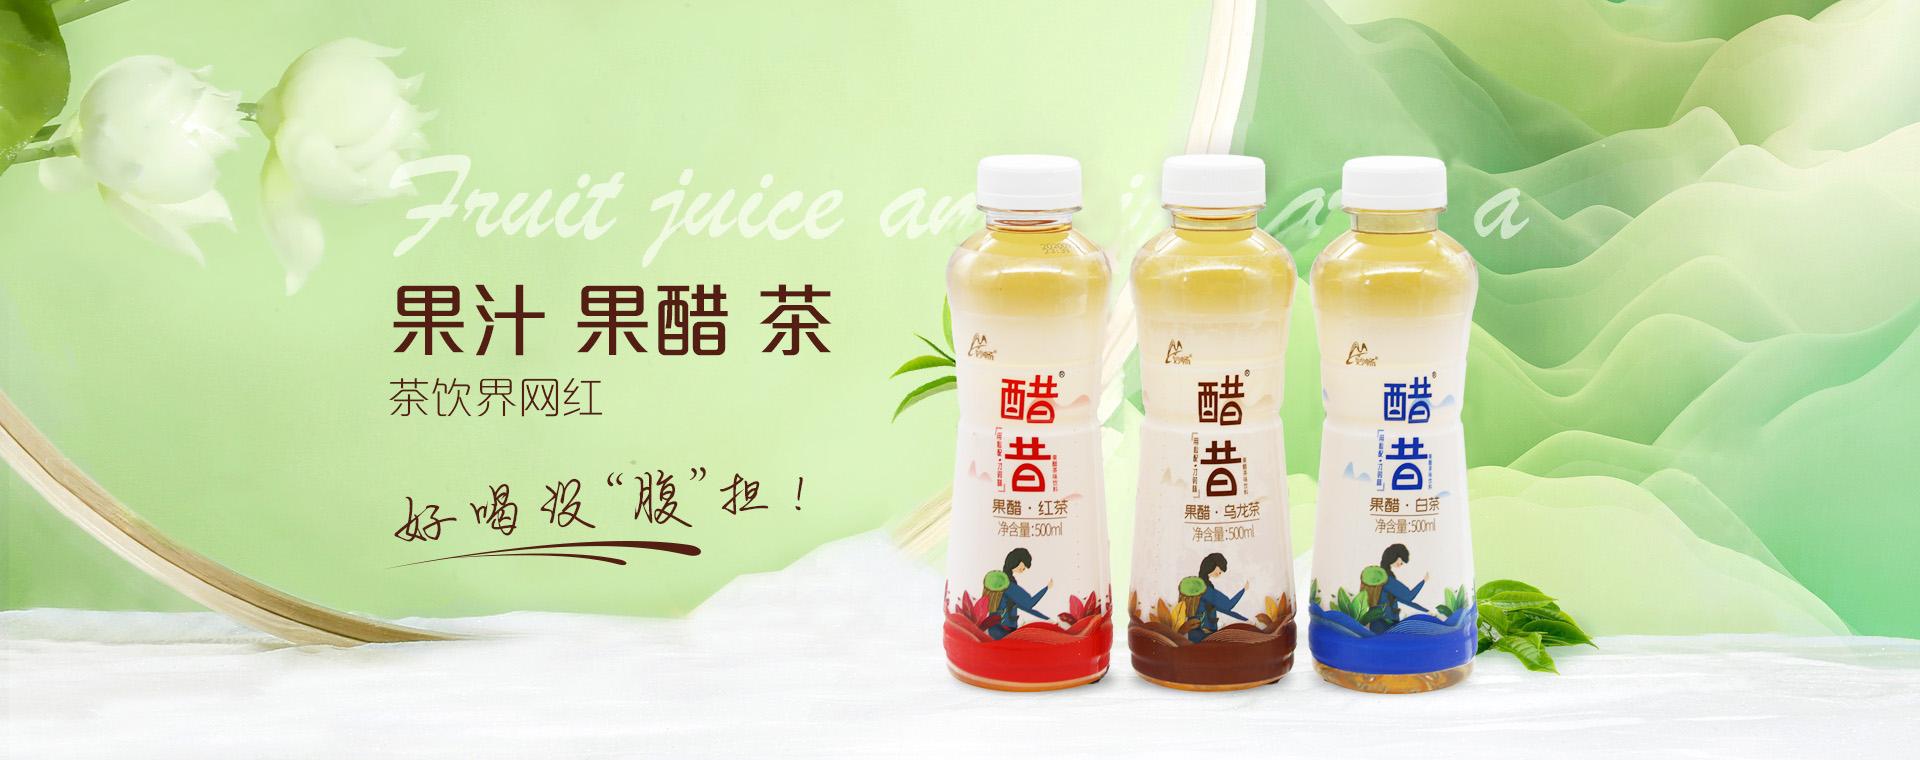 妙畅饮品果醋茶